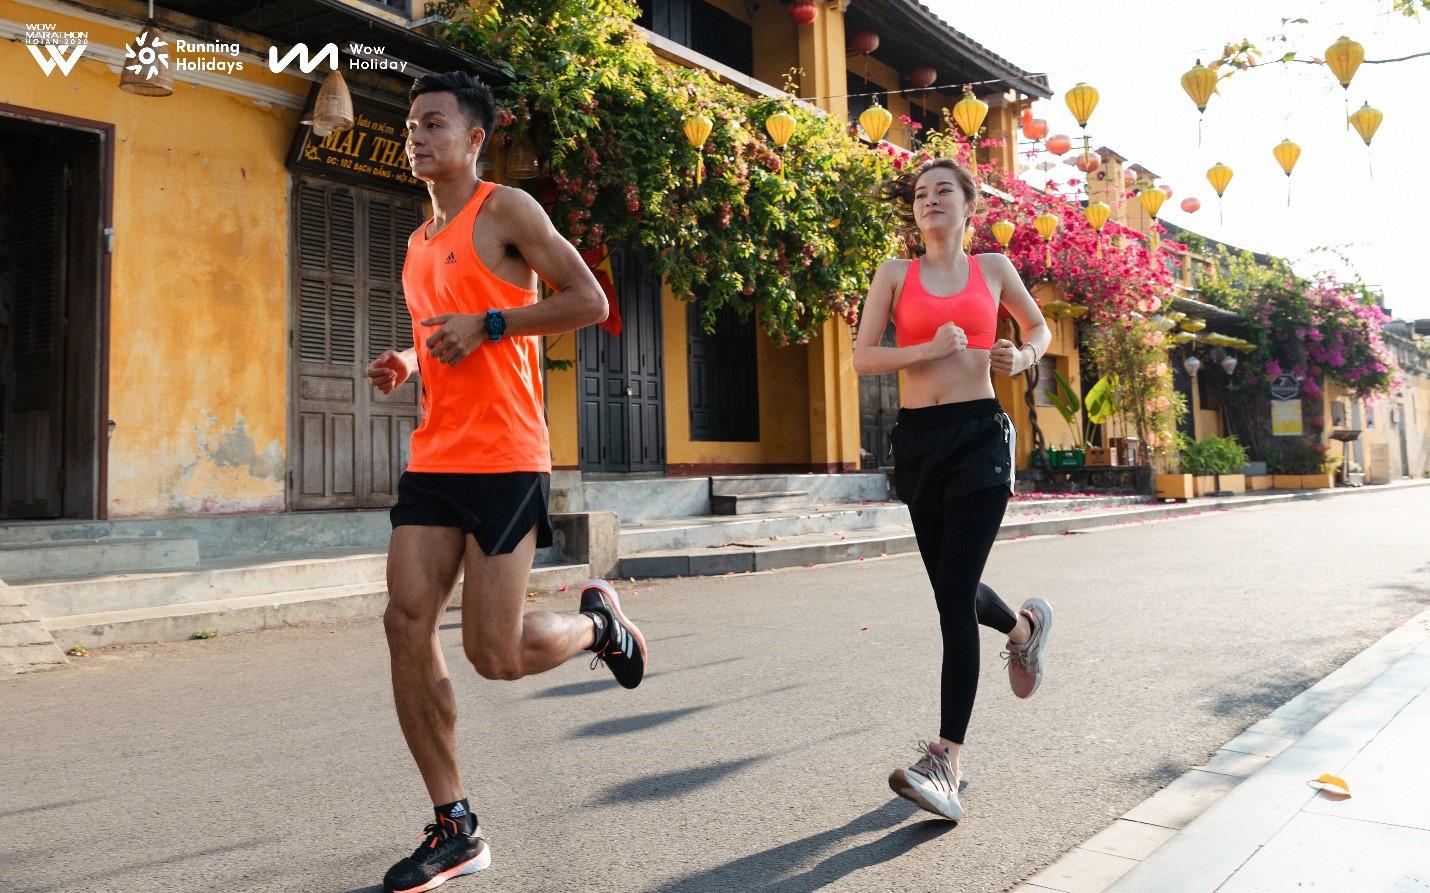 Điểm hẹn mới của Runners chuyên nghiệp: Những cung đường Hội An đầy cảm hứng